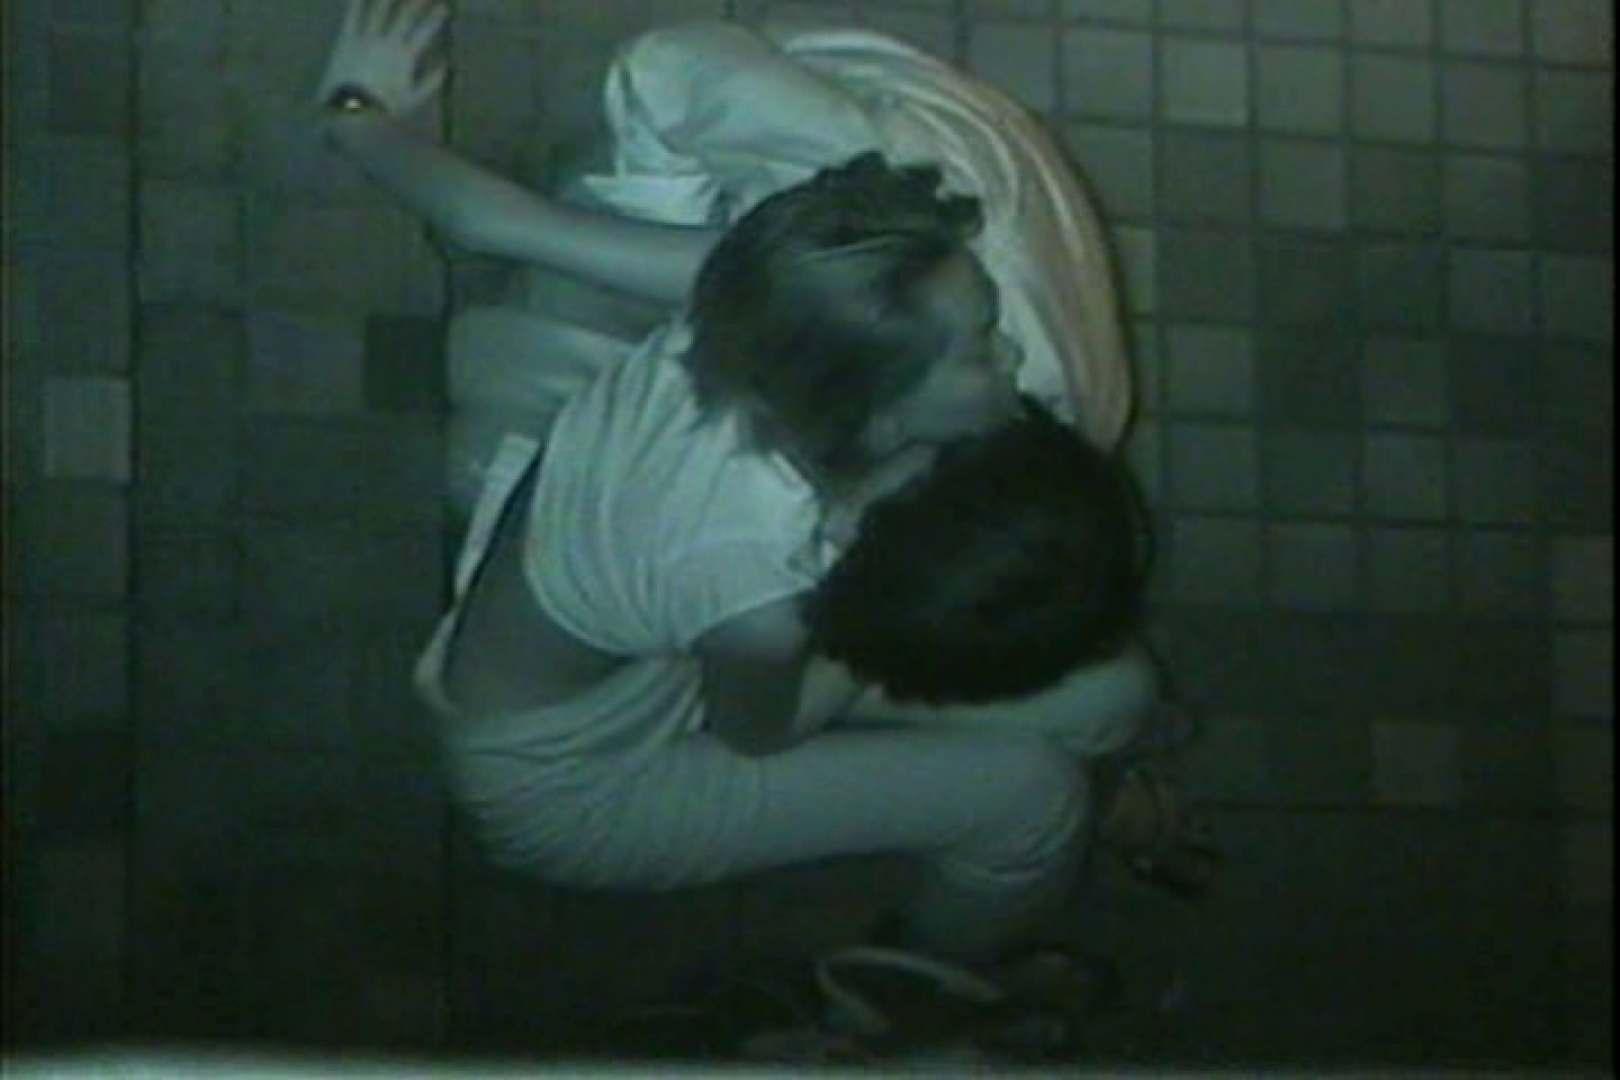 闇の仕掛け人 無修正版 Vol.19 美しいOLの裸体 アダルト動画キャプチャ 106pic 77